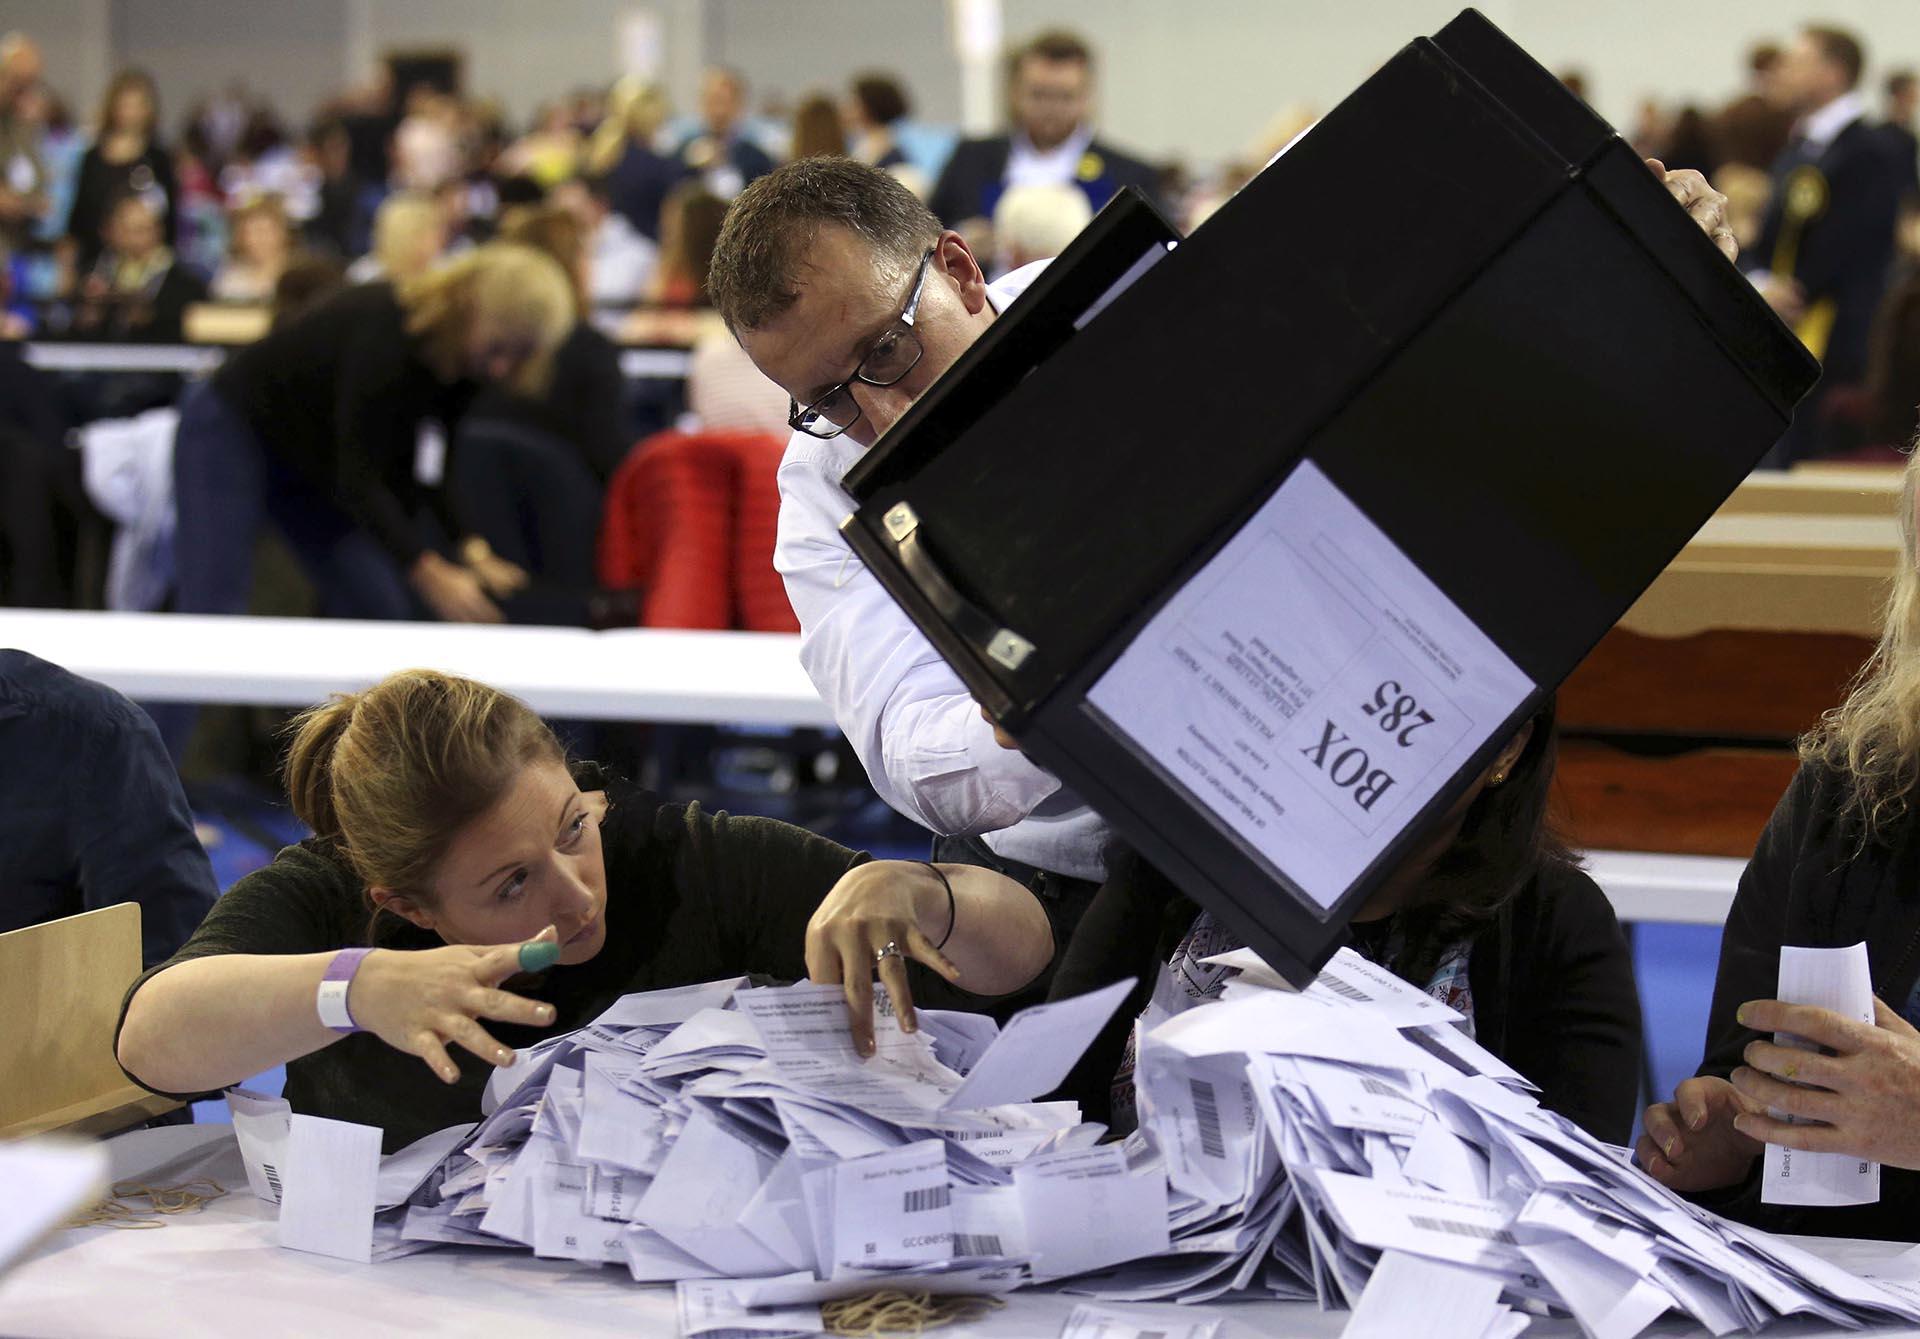 Las urnas de las elecciones británicas son vaciadas para ser contadas en el Emirates Arena de Glasgow, Escocia